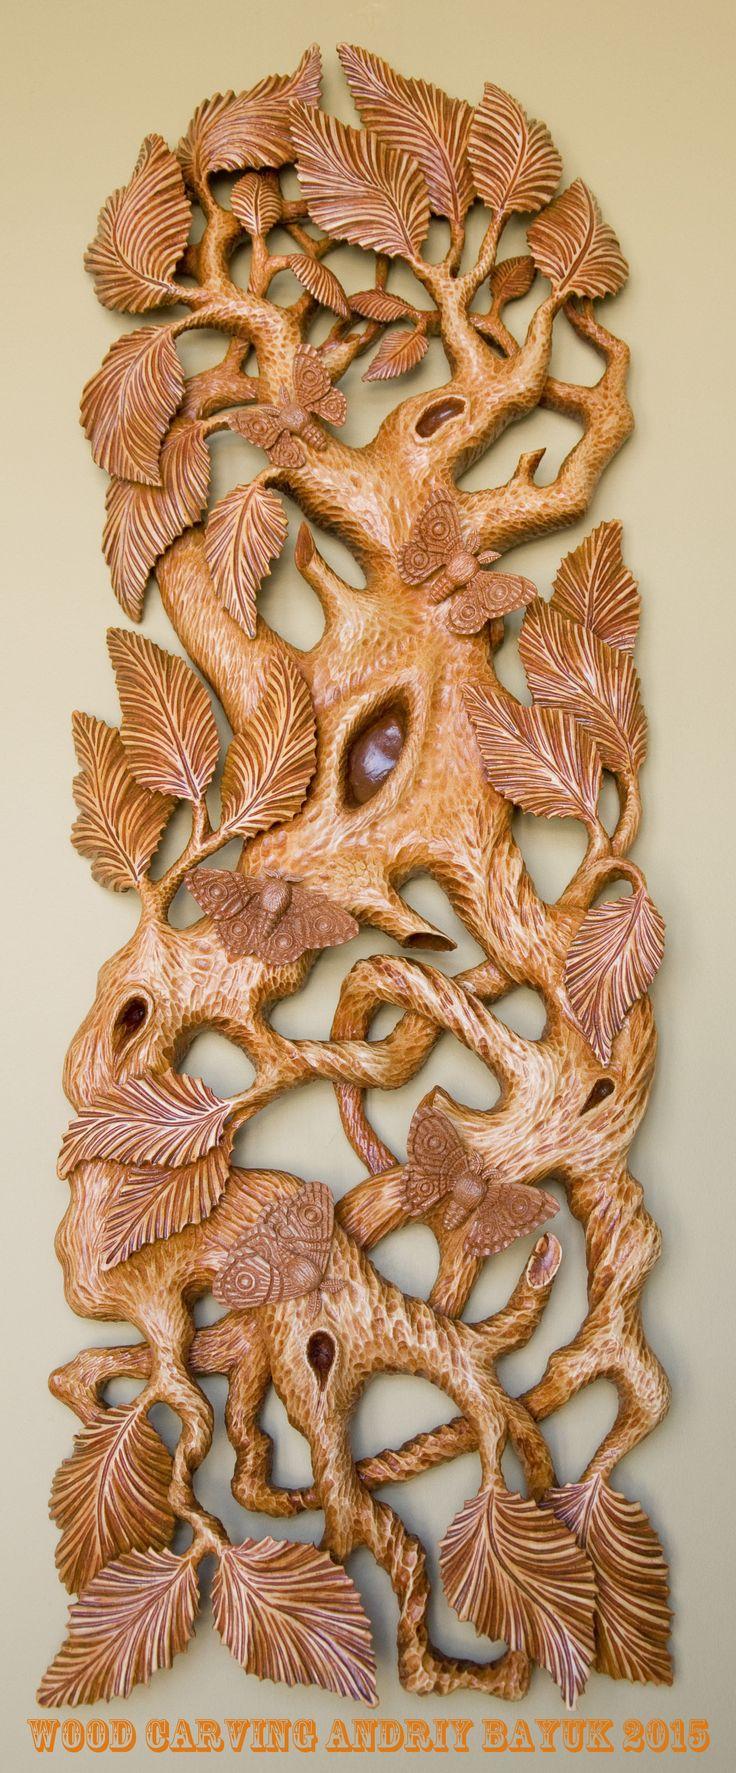 """Wood Carving / Andriy Bayuk, 2015 / Linden, American mahogany, 32"""" x 11"""", 810mm…"""